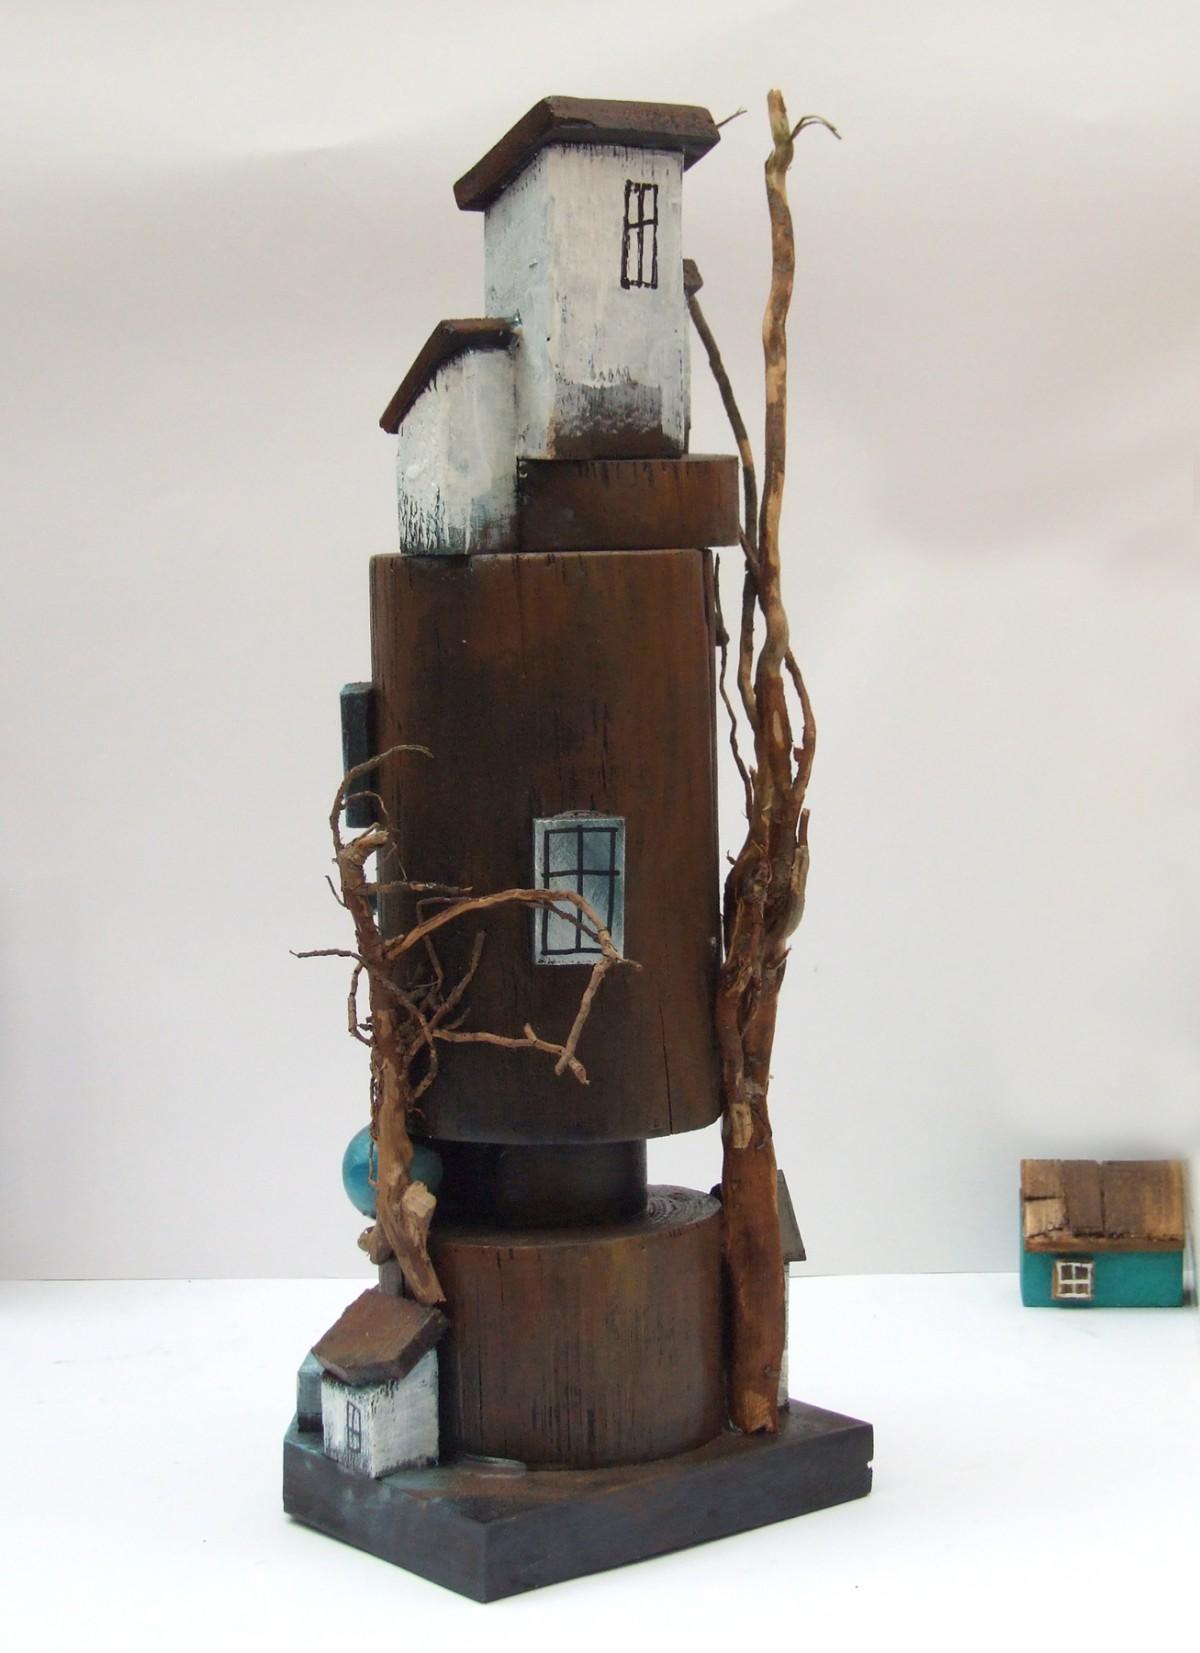 Wieża z domkami - dekoracja do domu